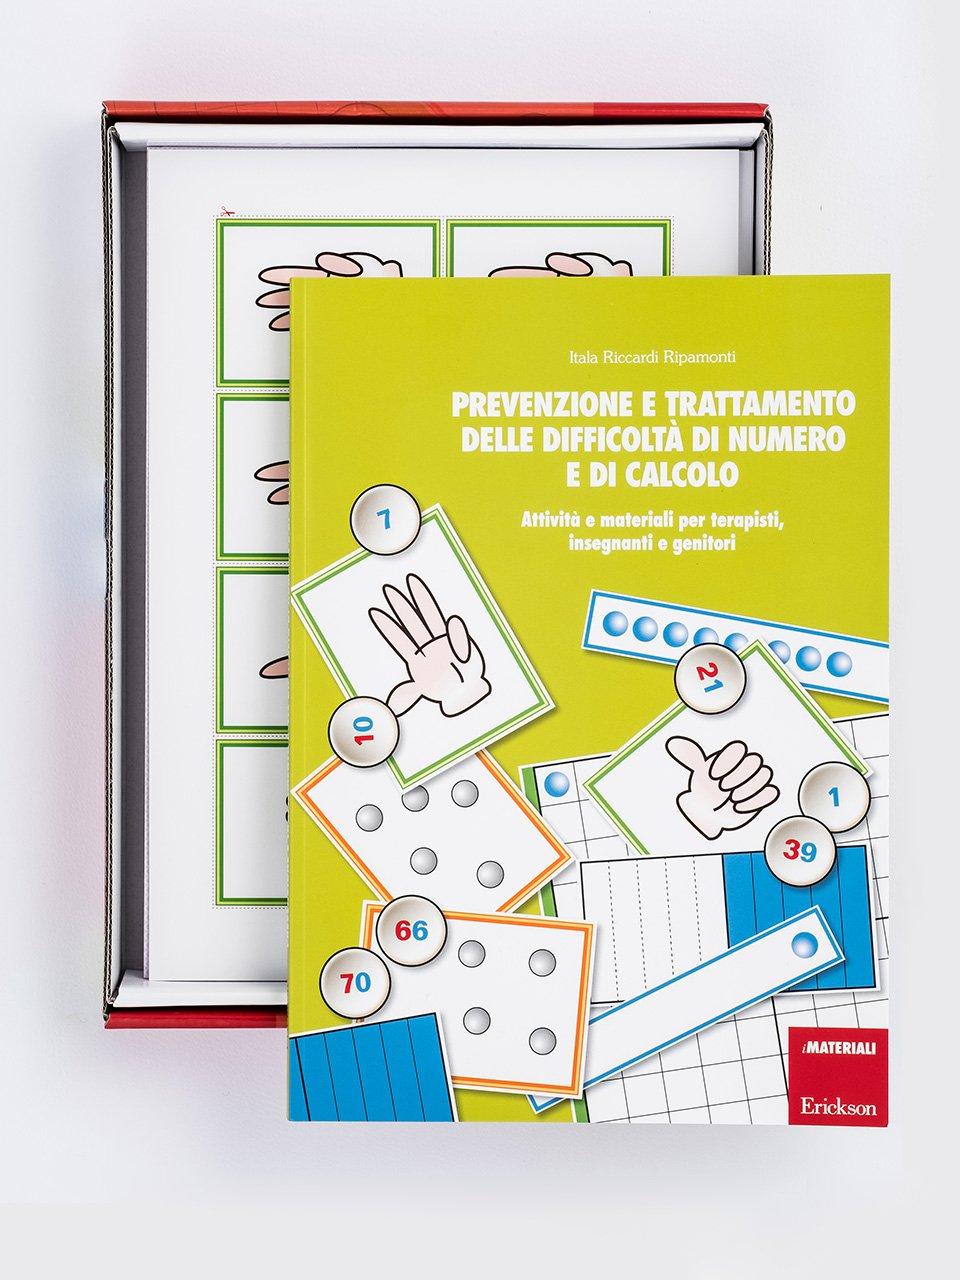 Prevenzione e trattamento delle difficoltà di numero e di calcolo - Tabelline e difficoltà aritmetiche - Libri - App e software - Erickson